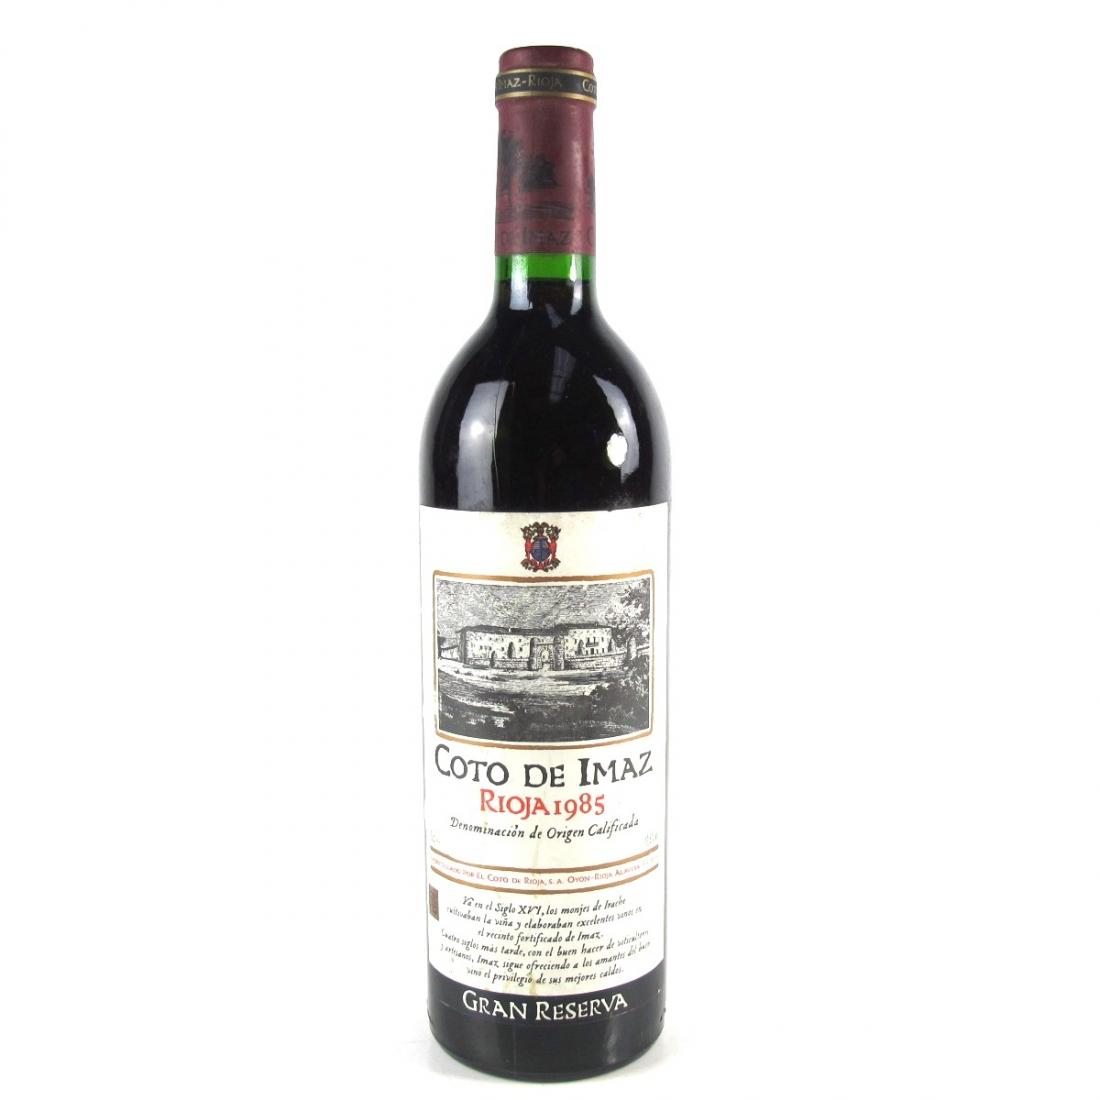 Coto De Imaz 1985 Rioja Gran Reserva